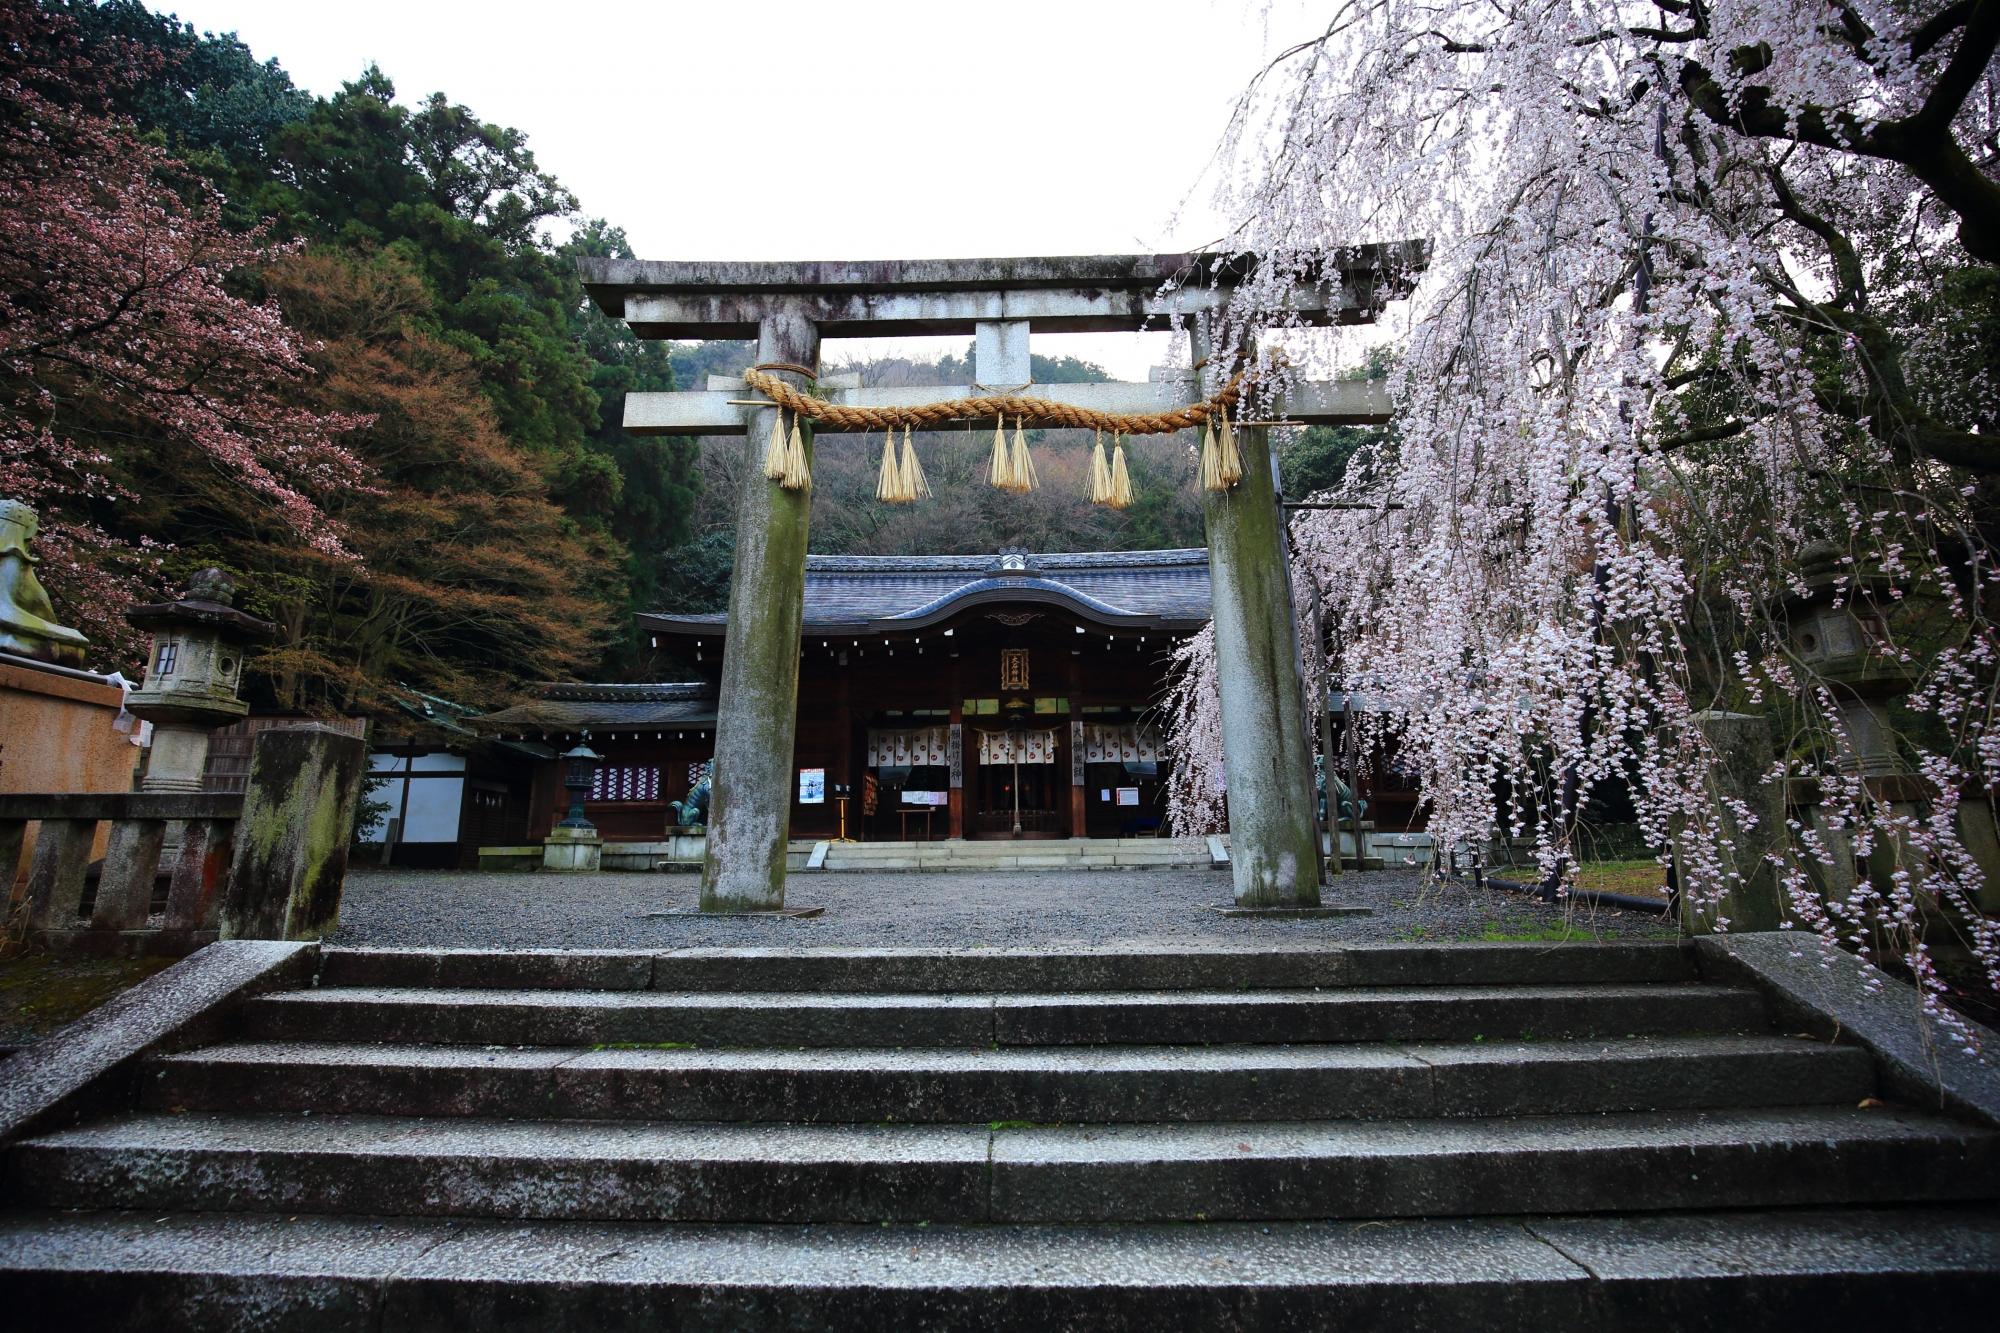 大石神社の本殿前の鳥居と大石桜